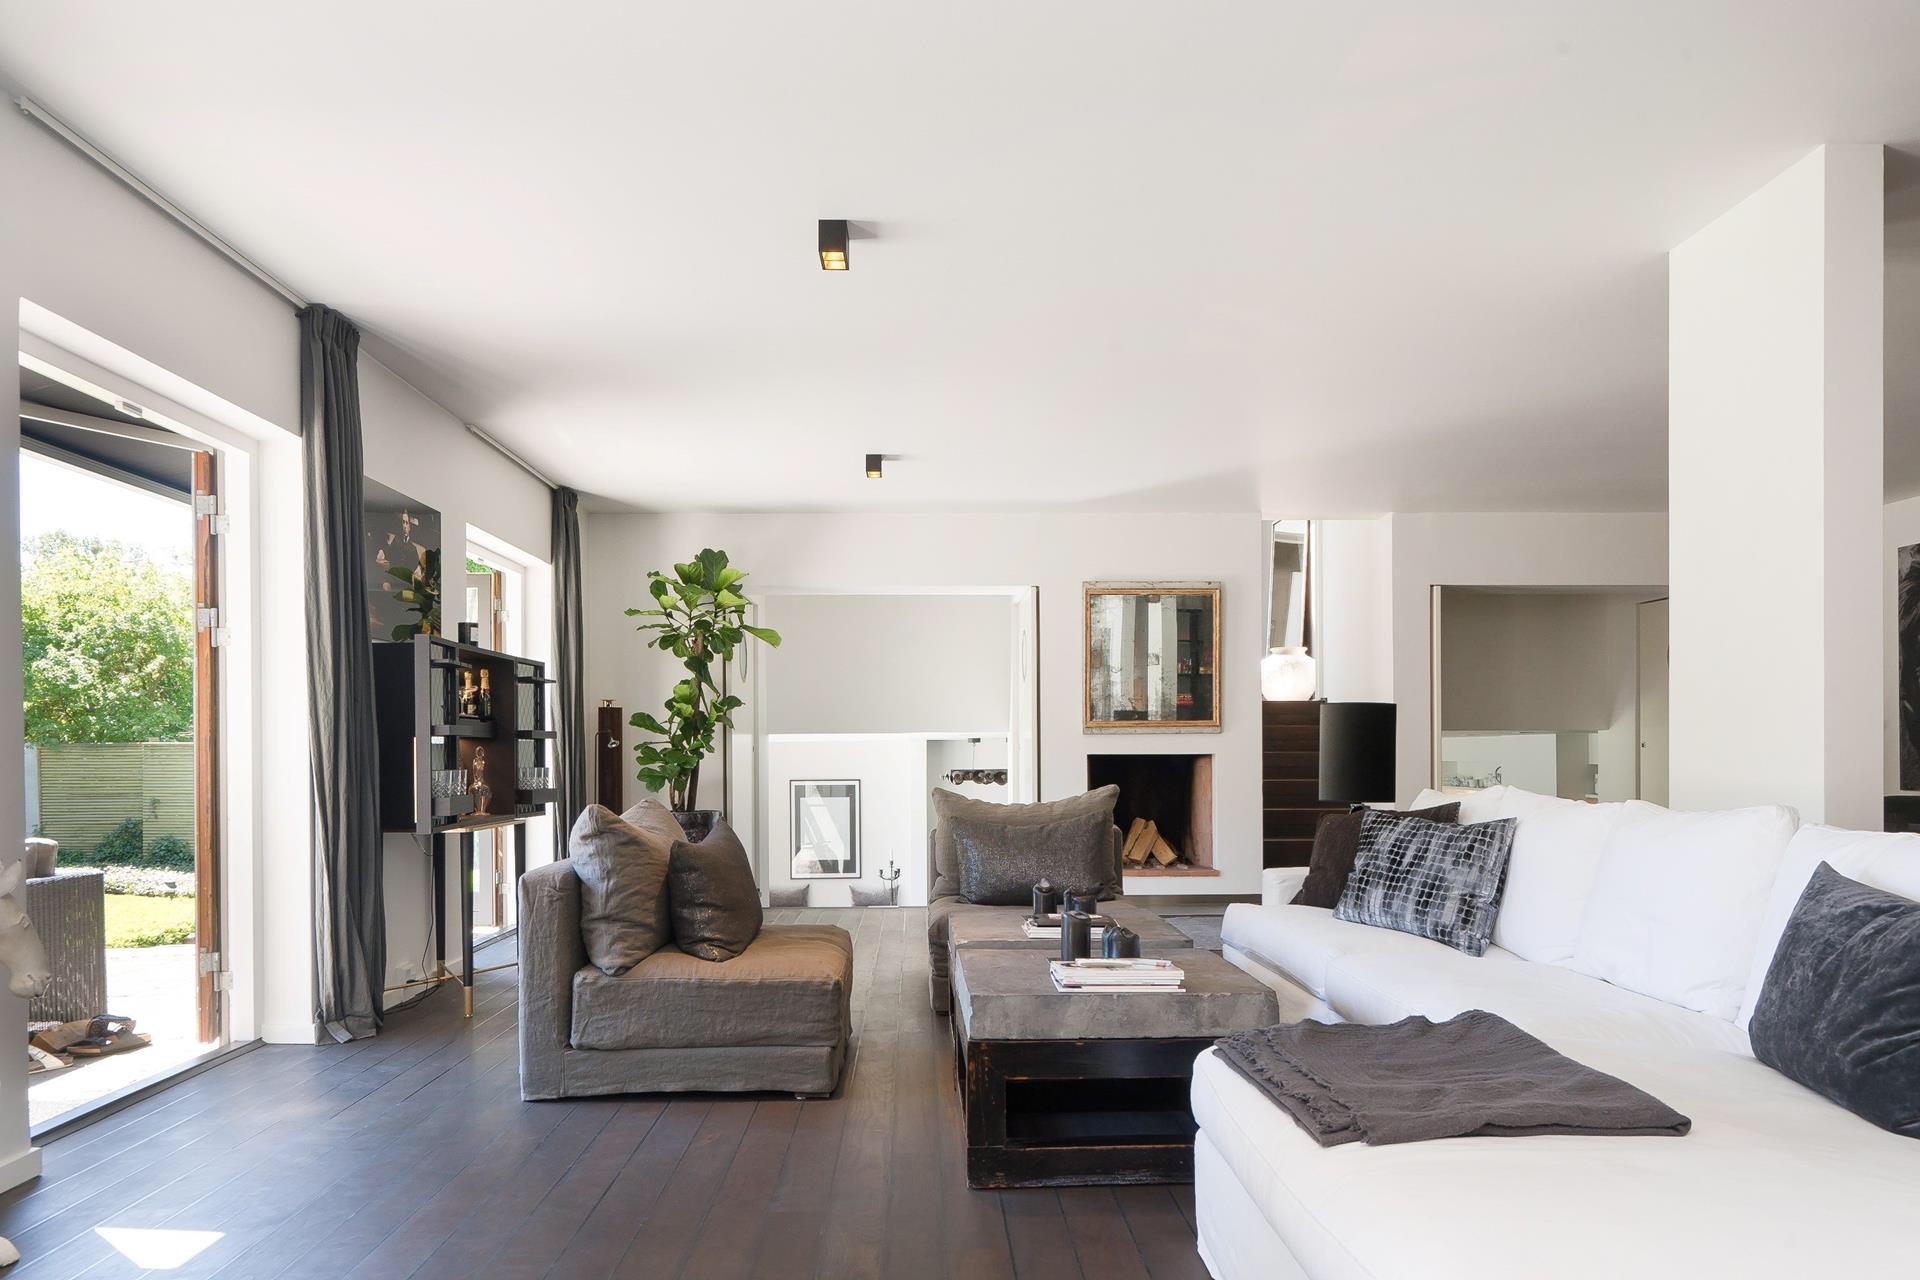 гостиная мебель диваны кресла камин дрова комнатное дерево бетон